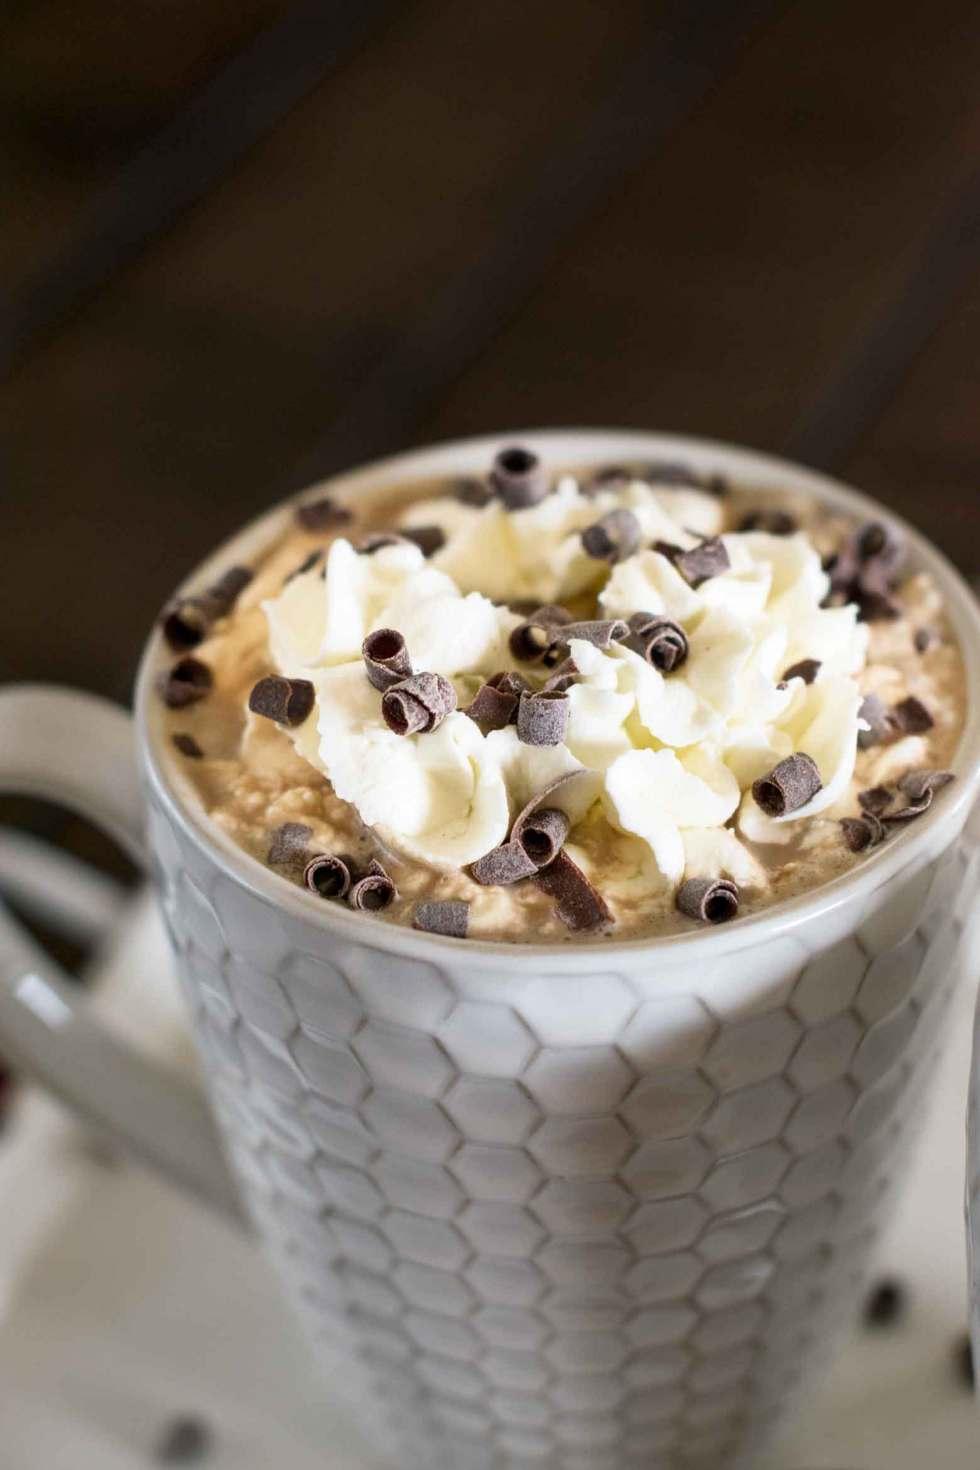 chocolate curls on a caramel vanilla mocha coffee